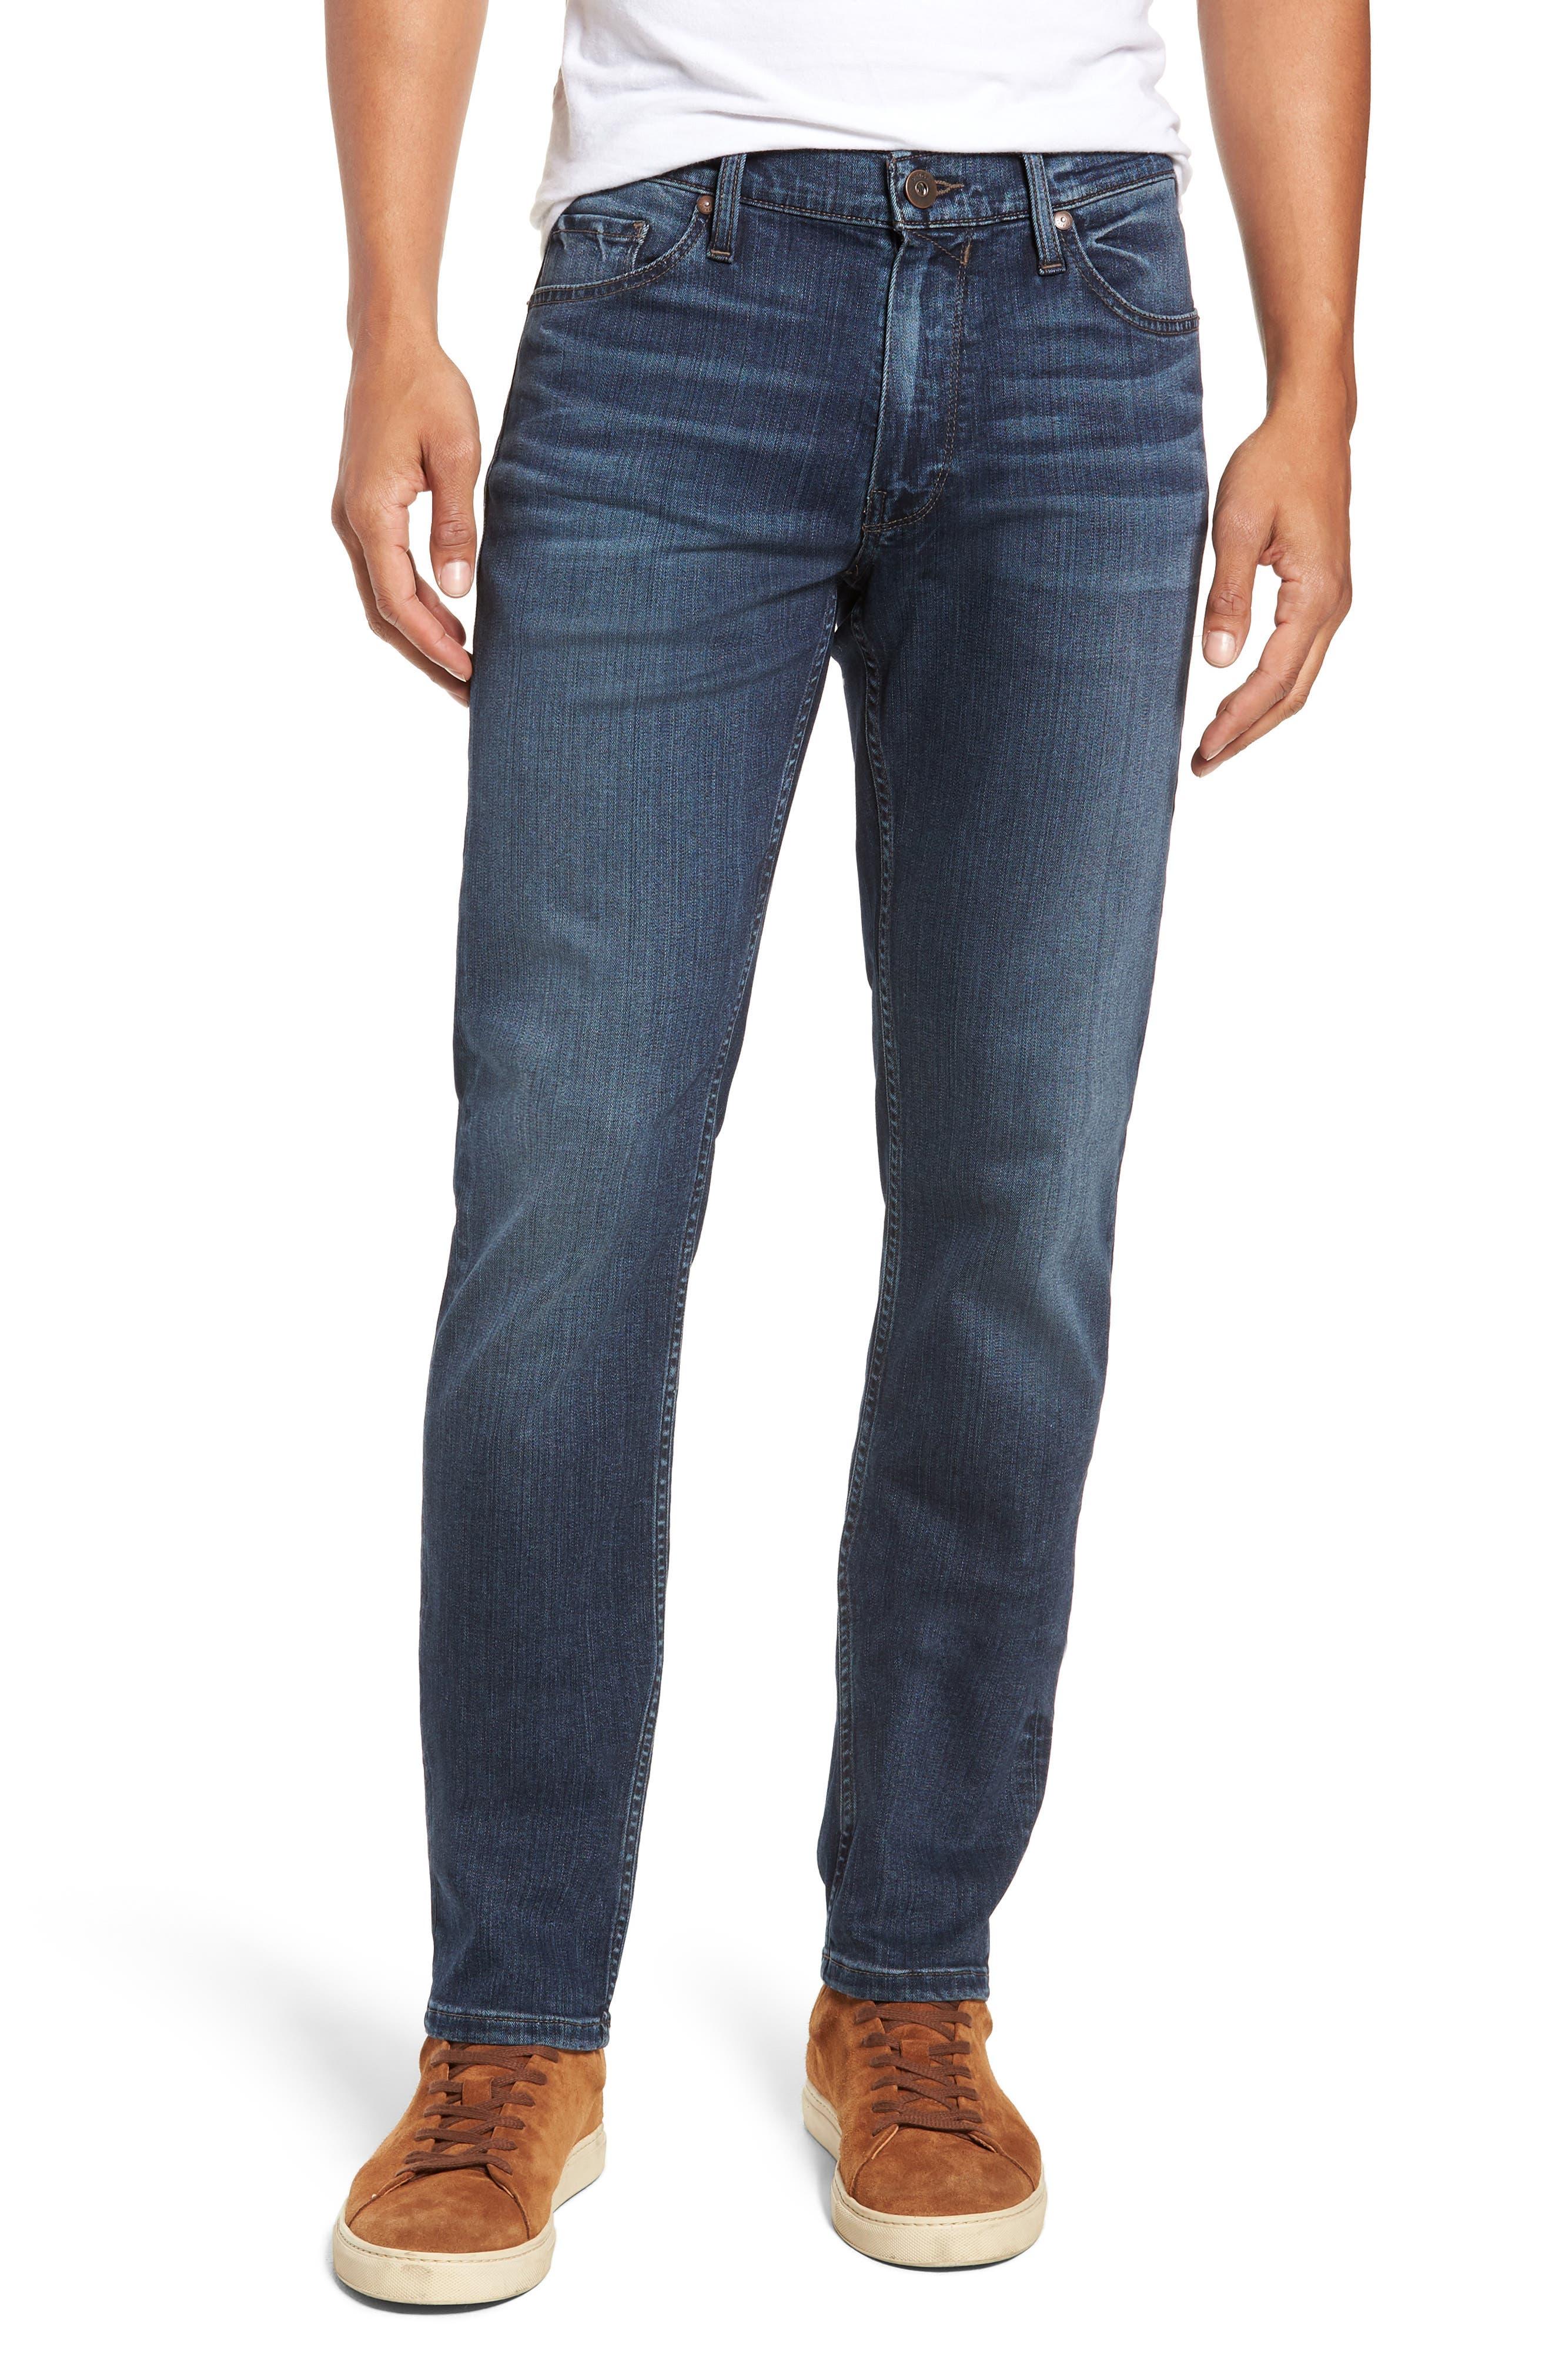 Transcend - Lennox Slim Fit Jeans,                             Main thumbnail 1, color,                             400